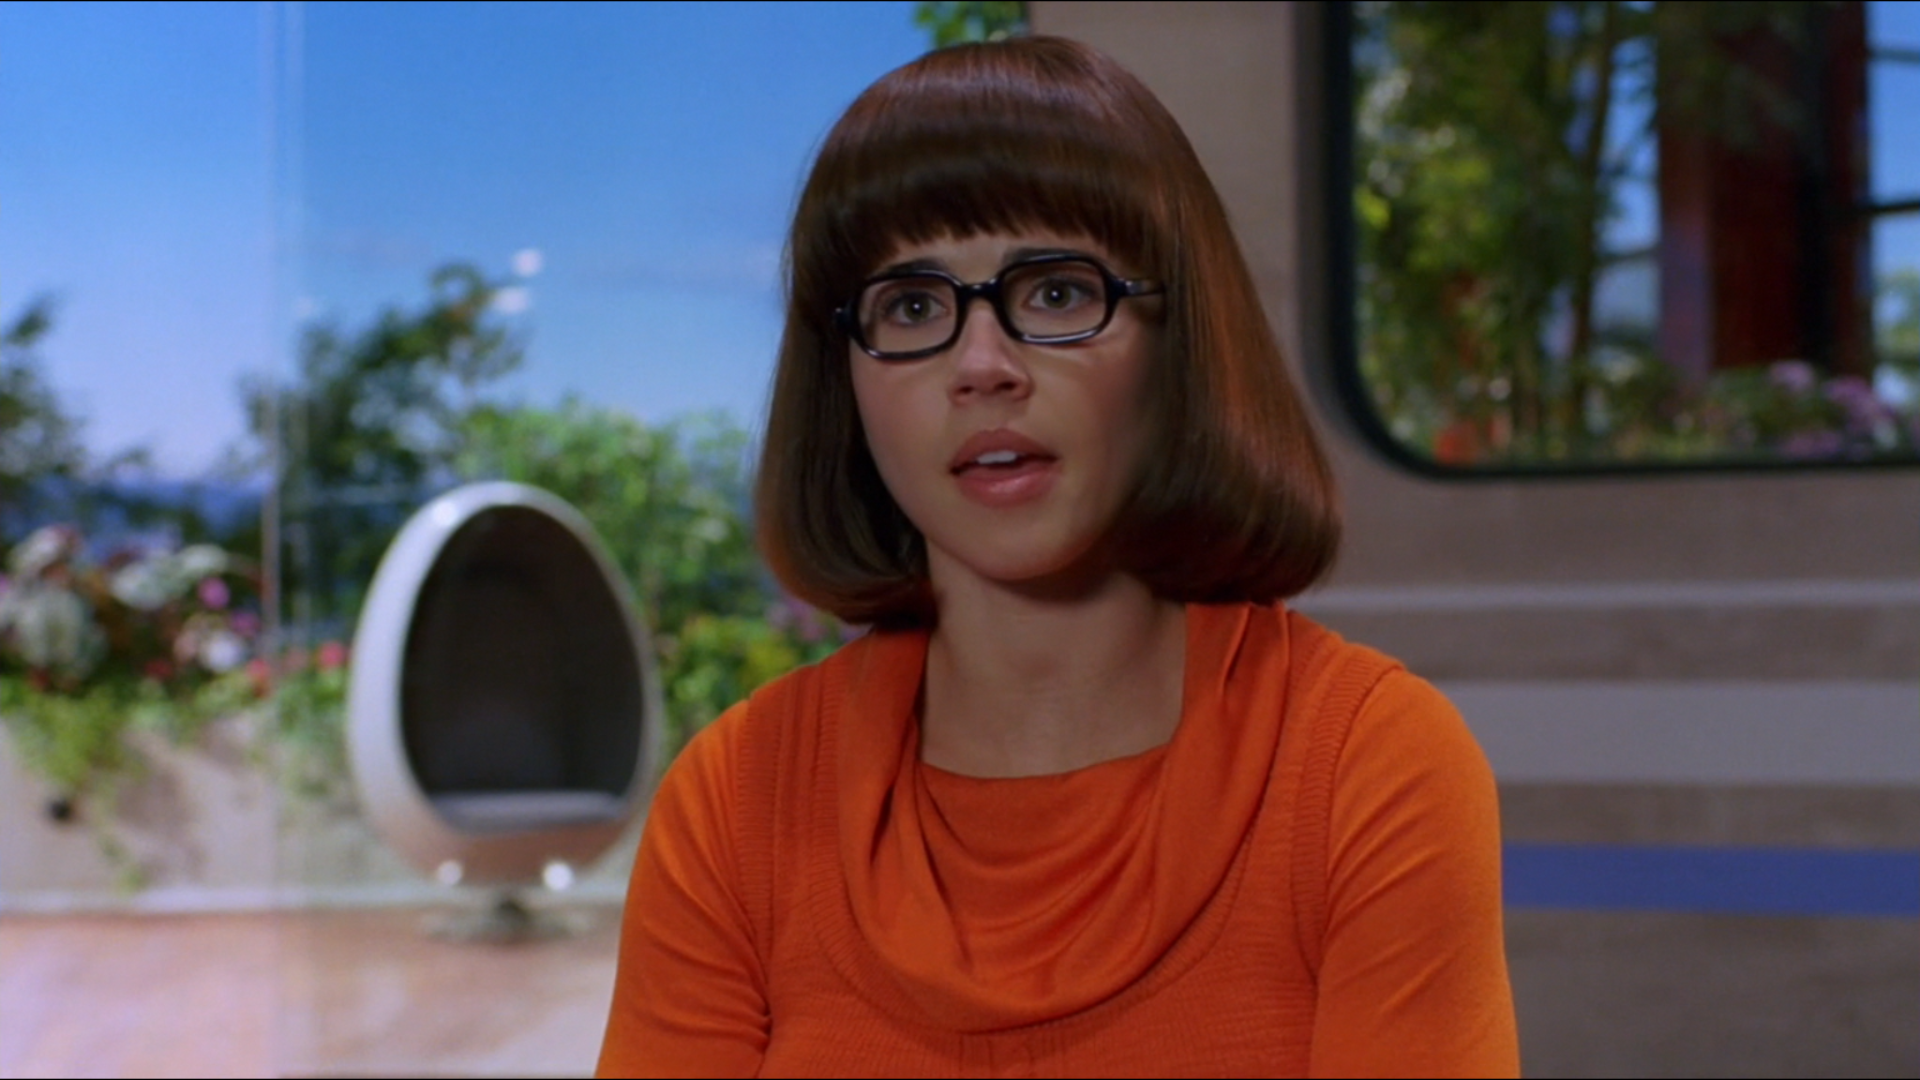 A inteligente Vilma de Scooby Doo